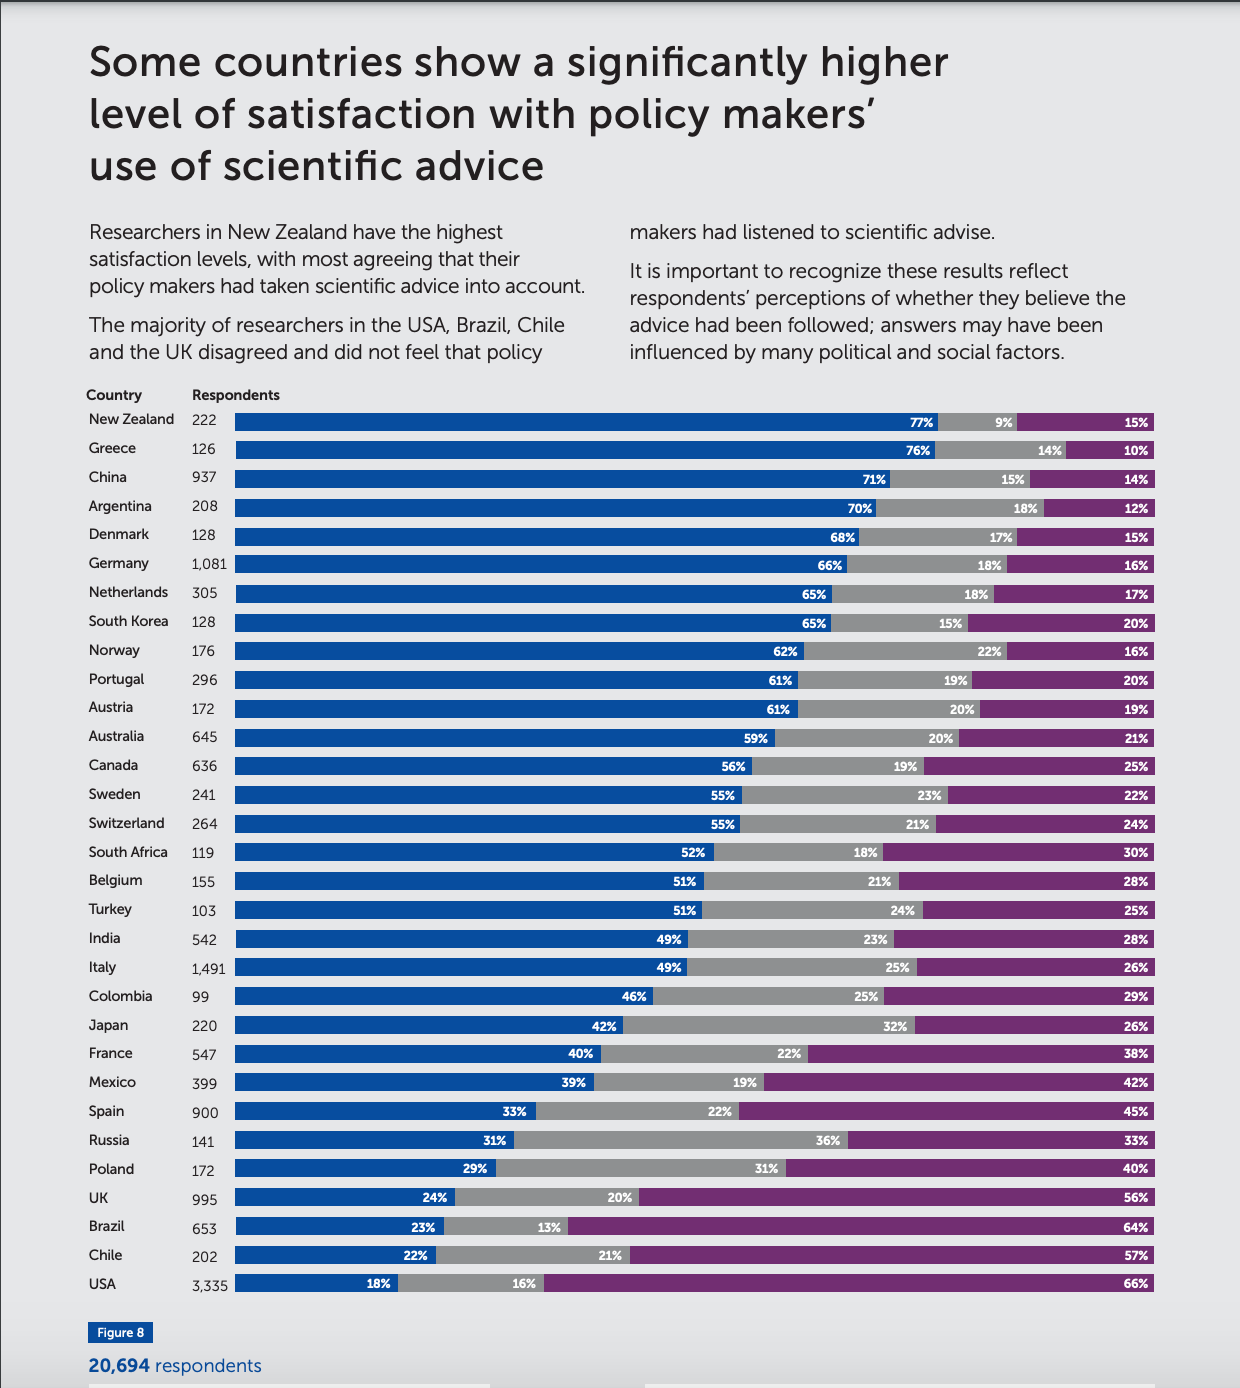 Gráfico con las respuestas por países a investigadores sobre si el gobierno basó sus medidas Covid-19 en asesoramiento científico / Frontiers